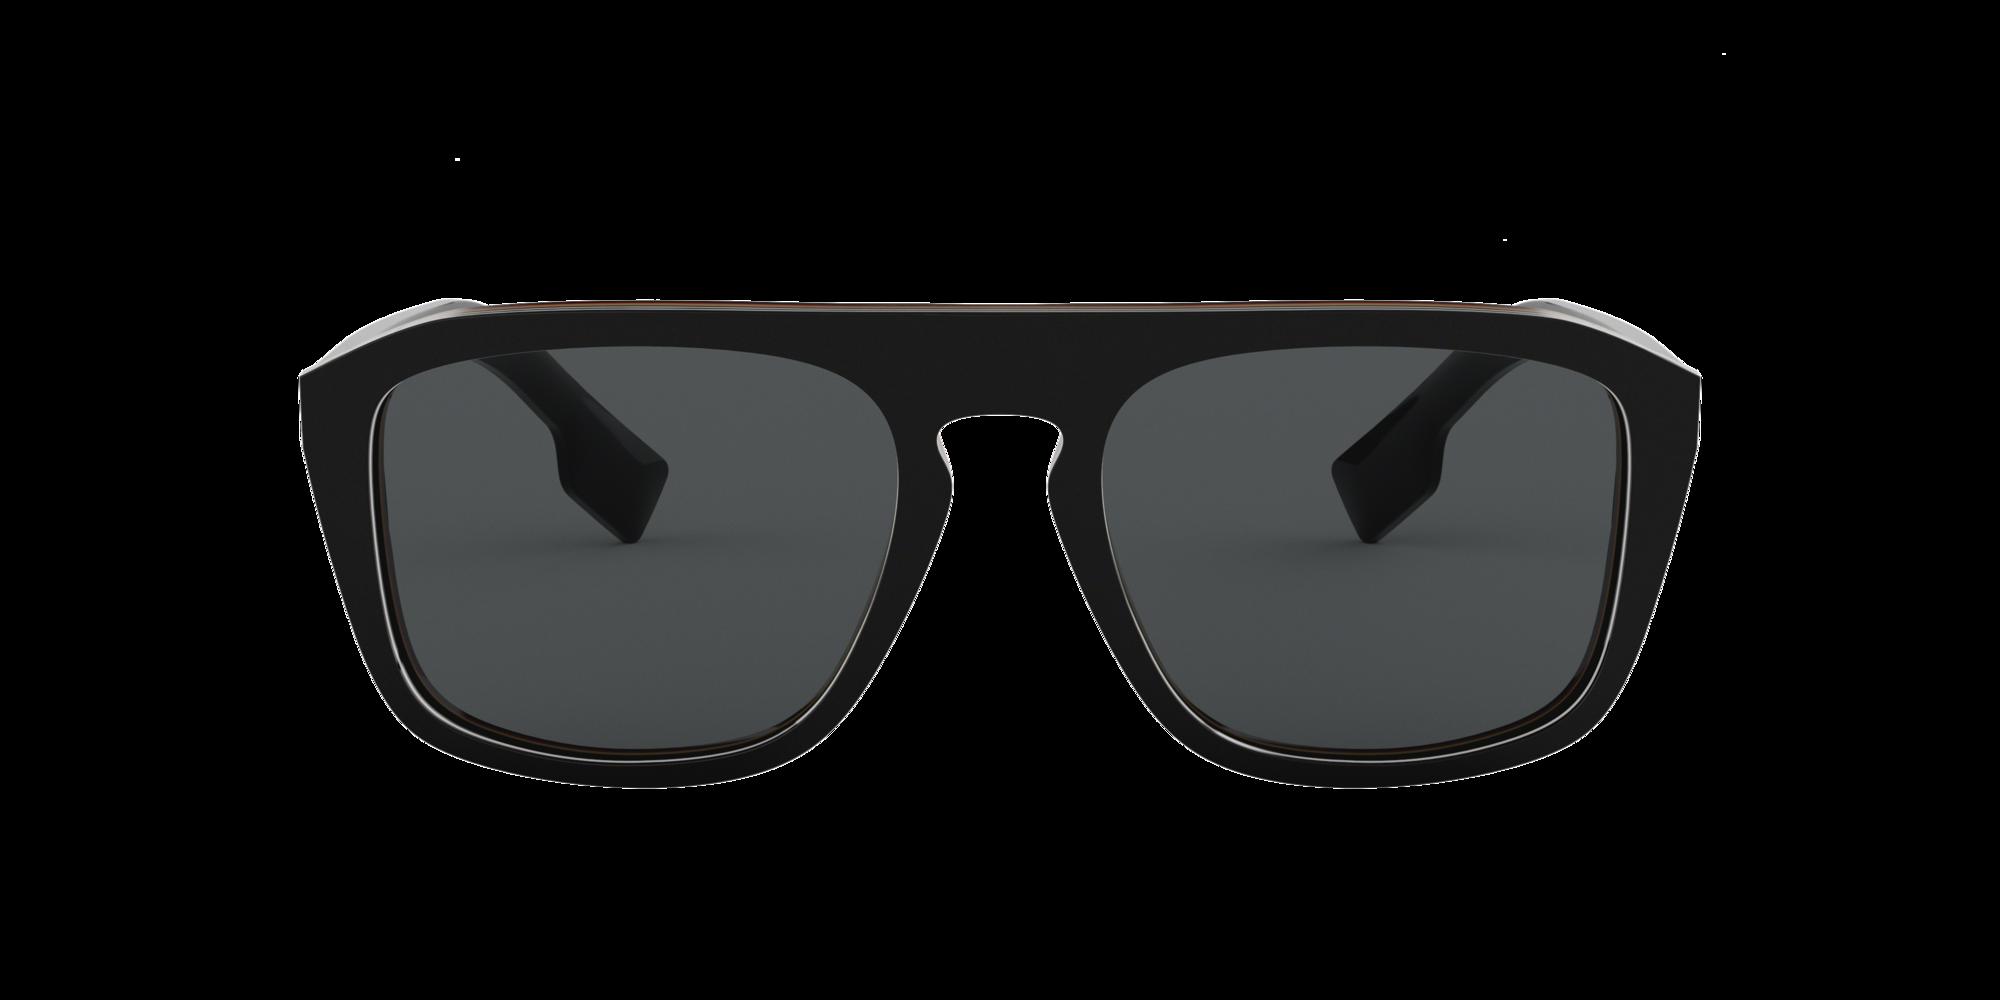 Imagen para BE4286 55 de LensCrafters |  Espejuelos, espejuelos graduados en línea, gafas